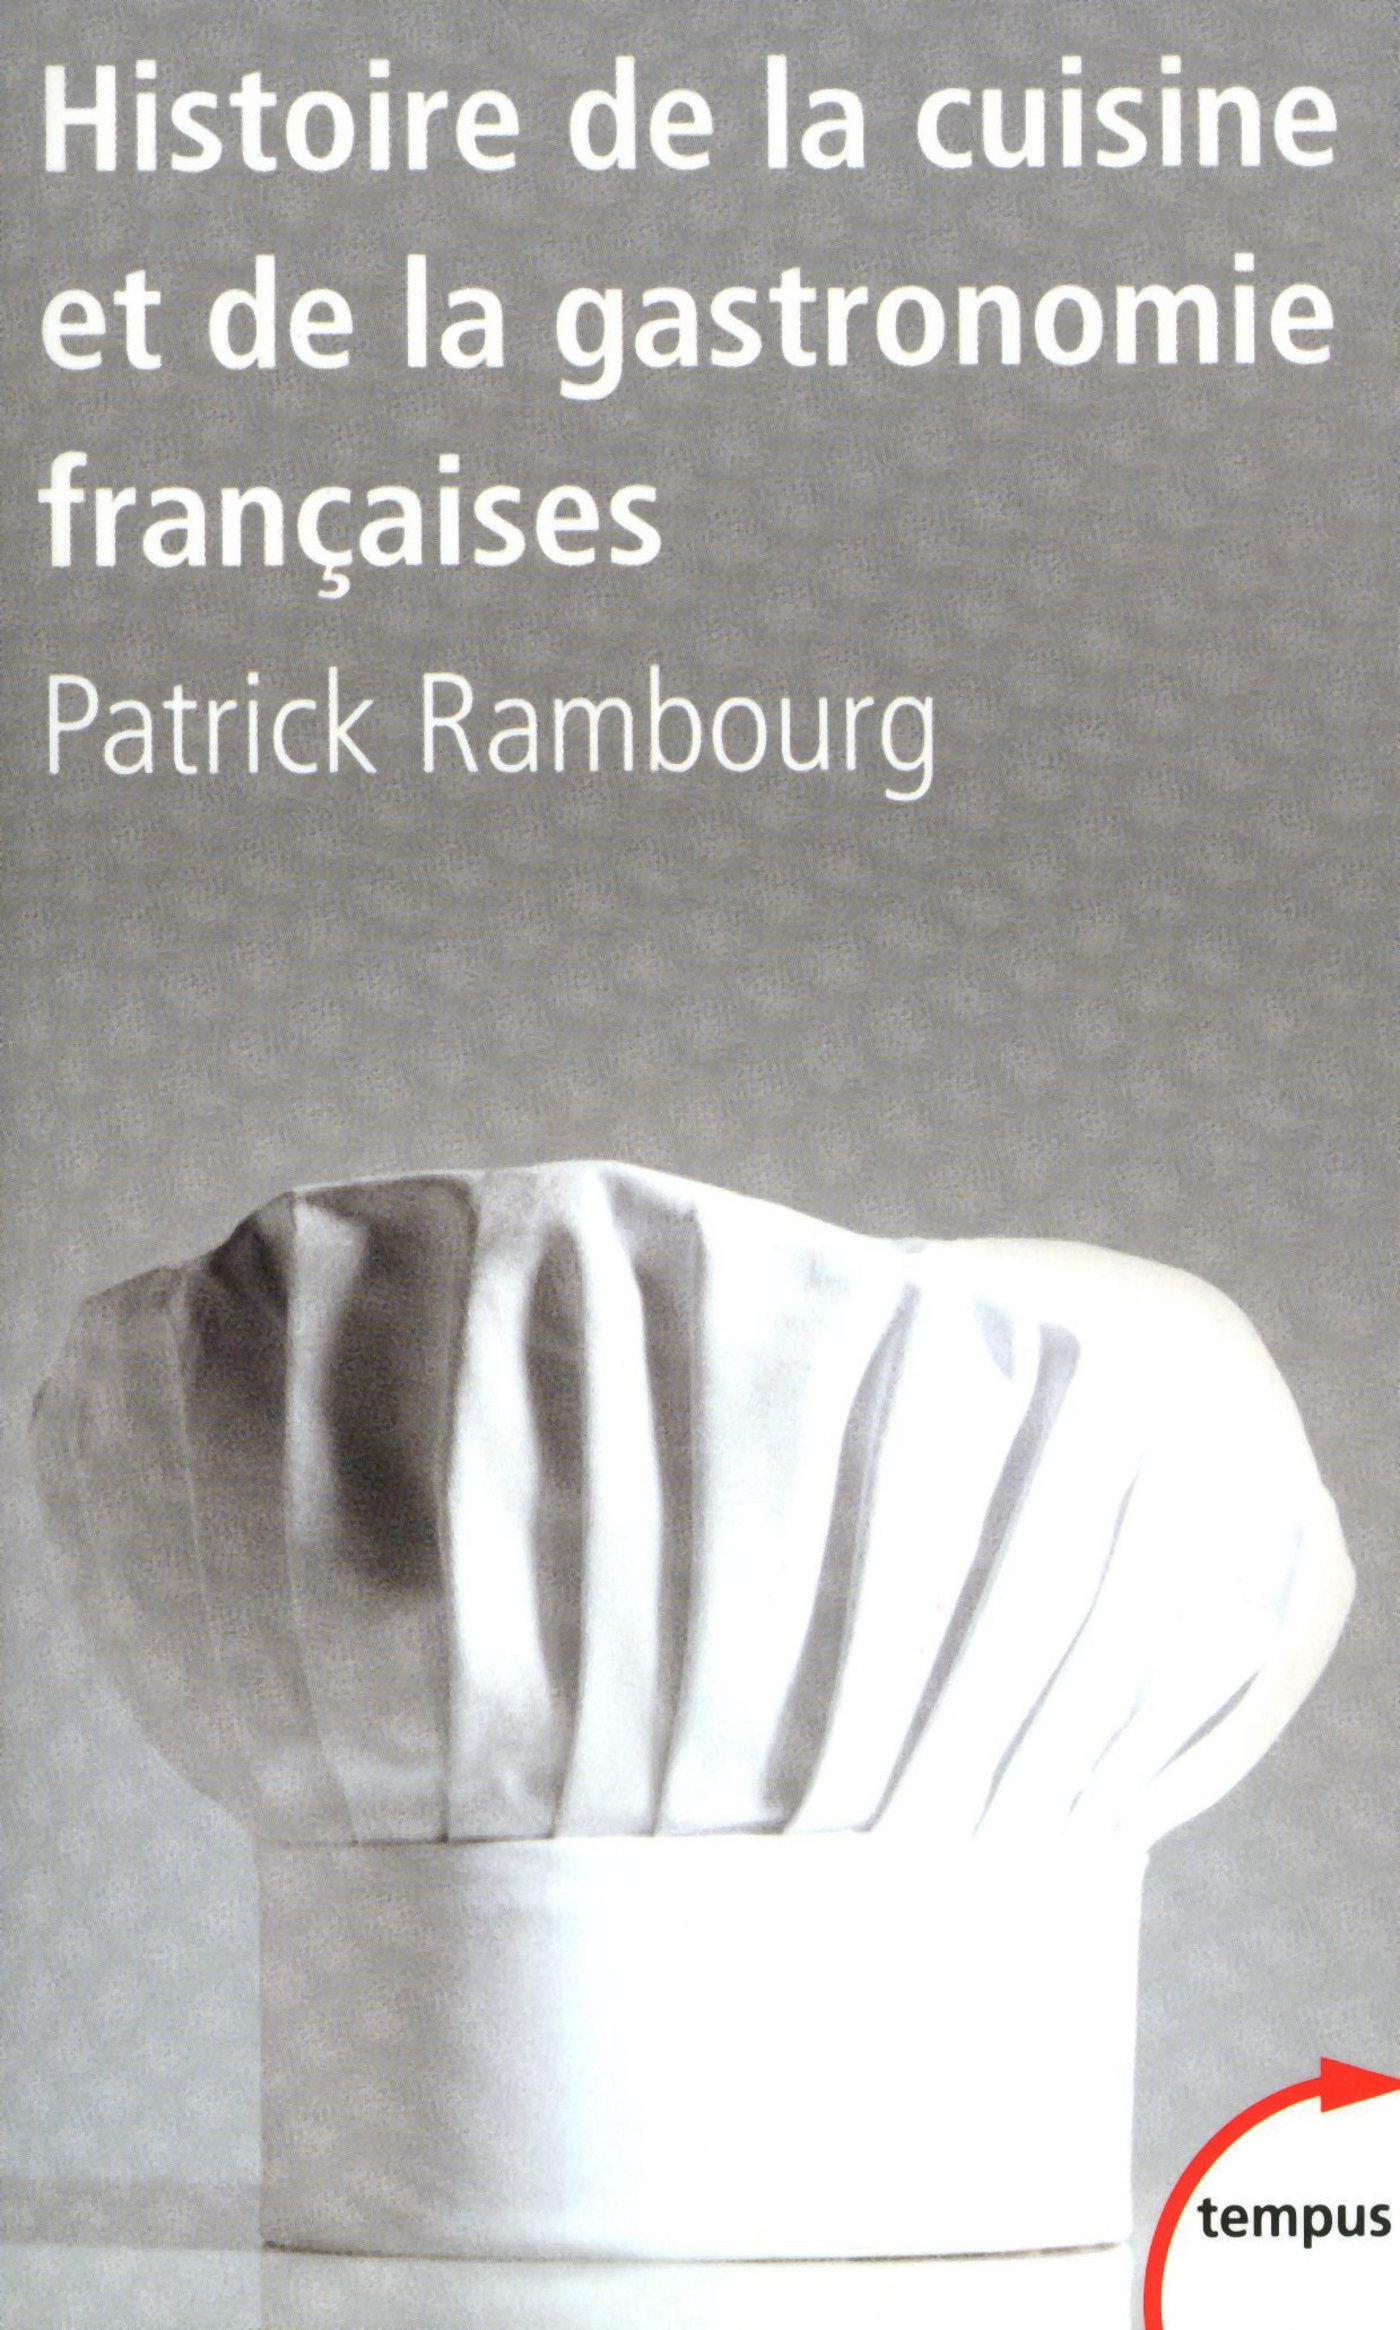 Histoire de la cuisine et de la gastronomie françaises | RAMBOURG, Patrick